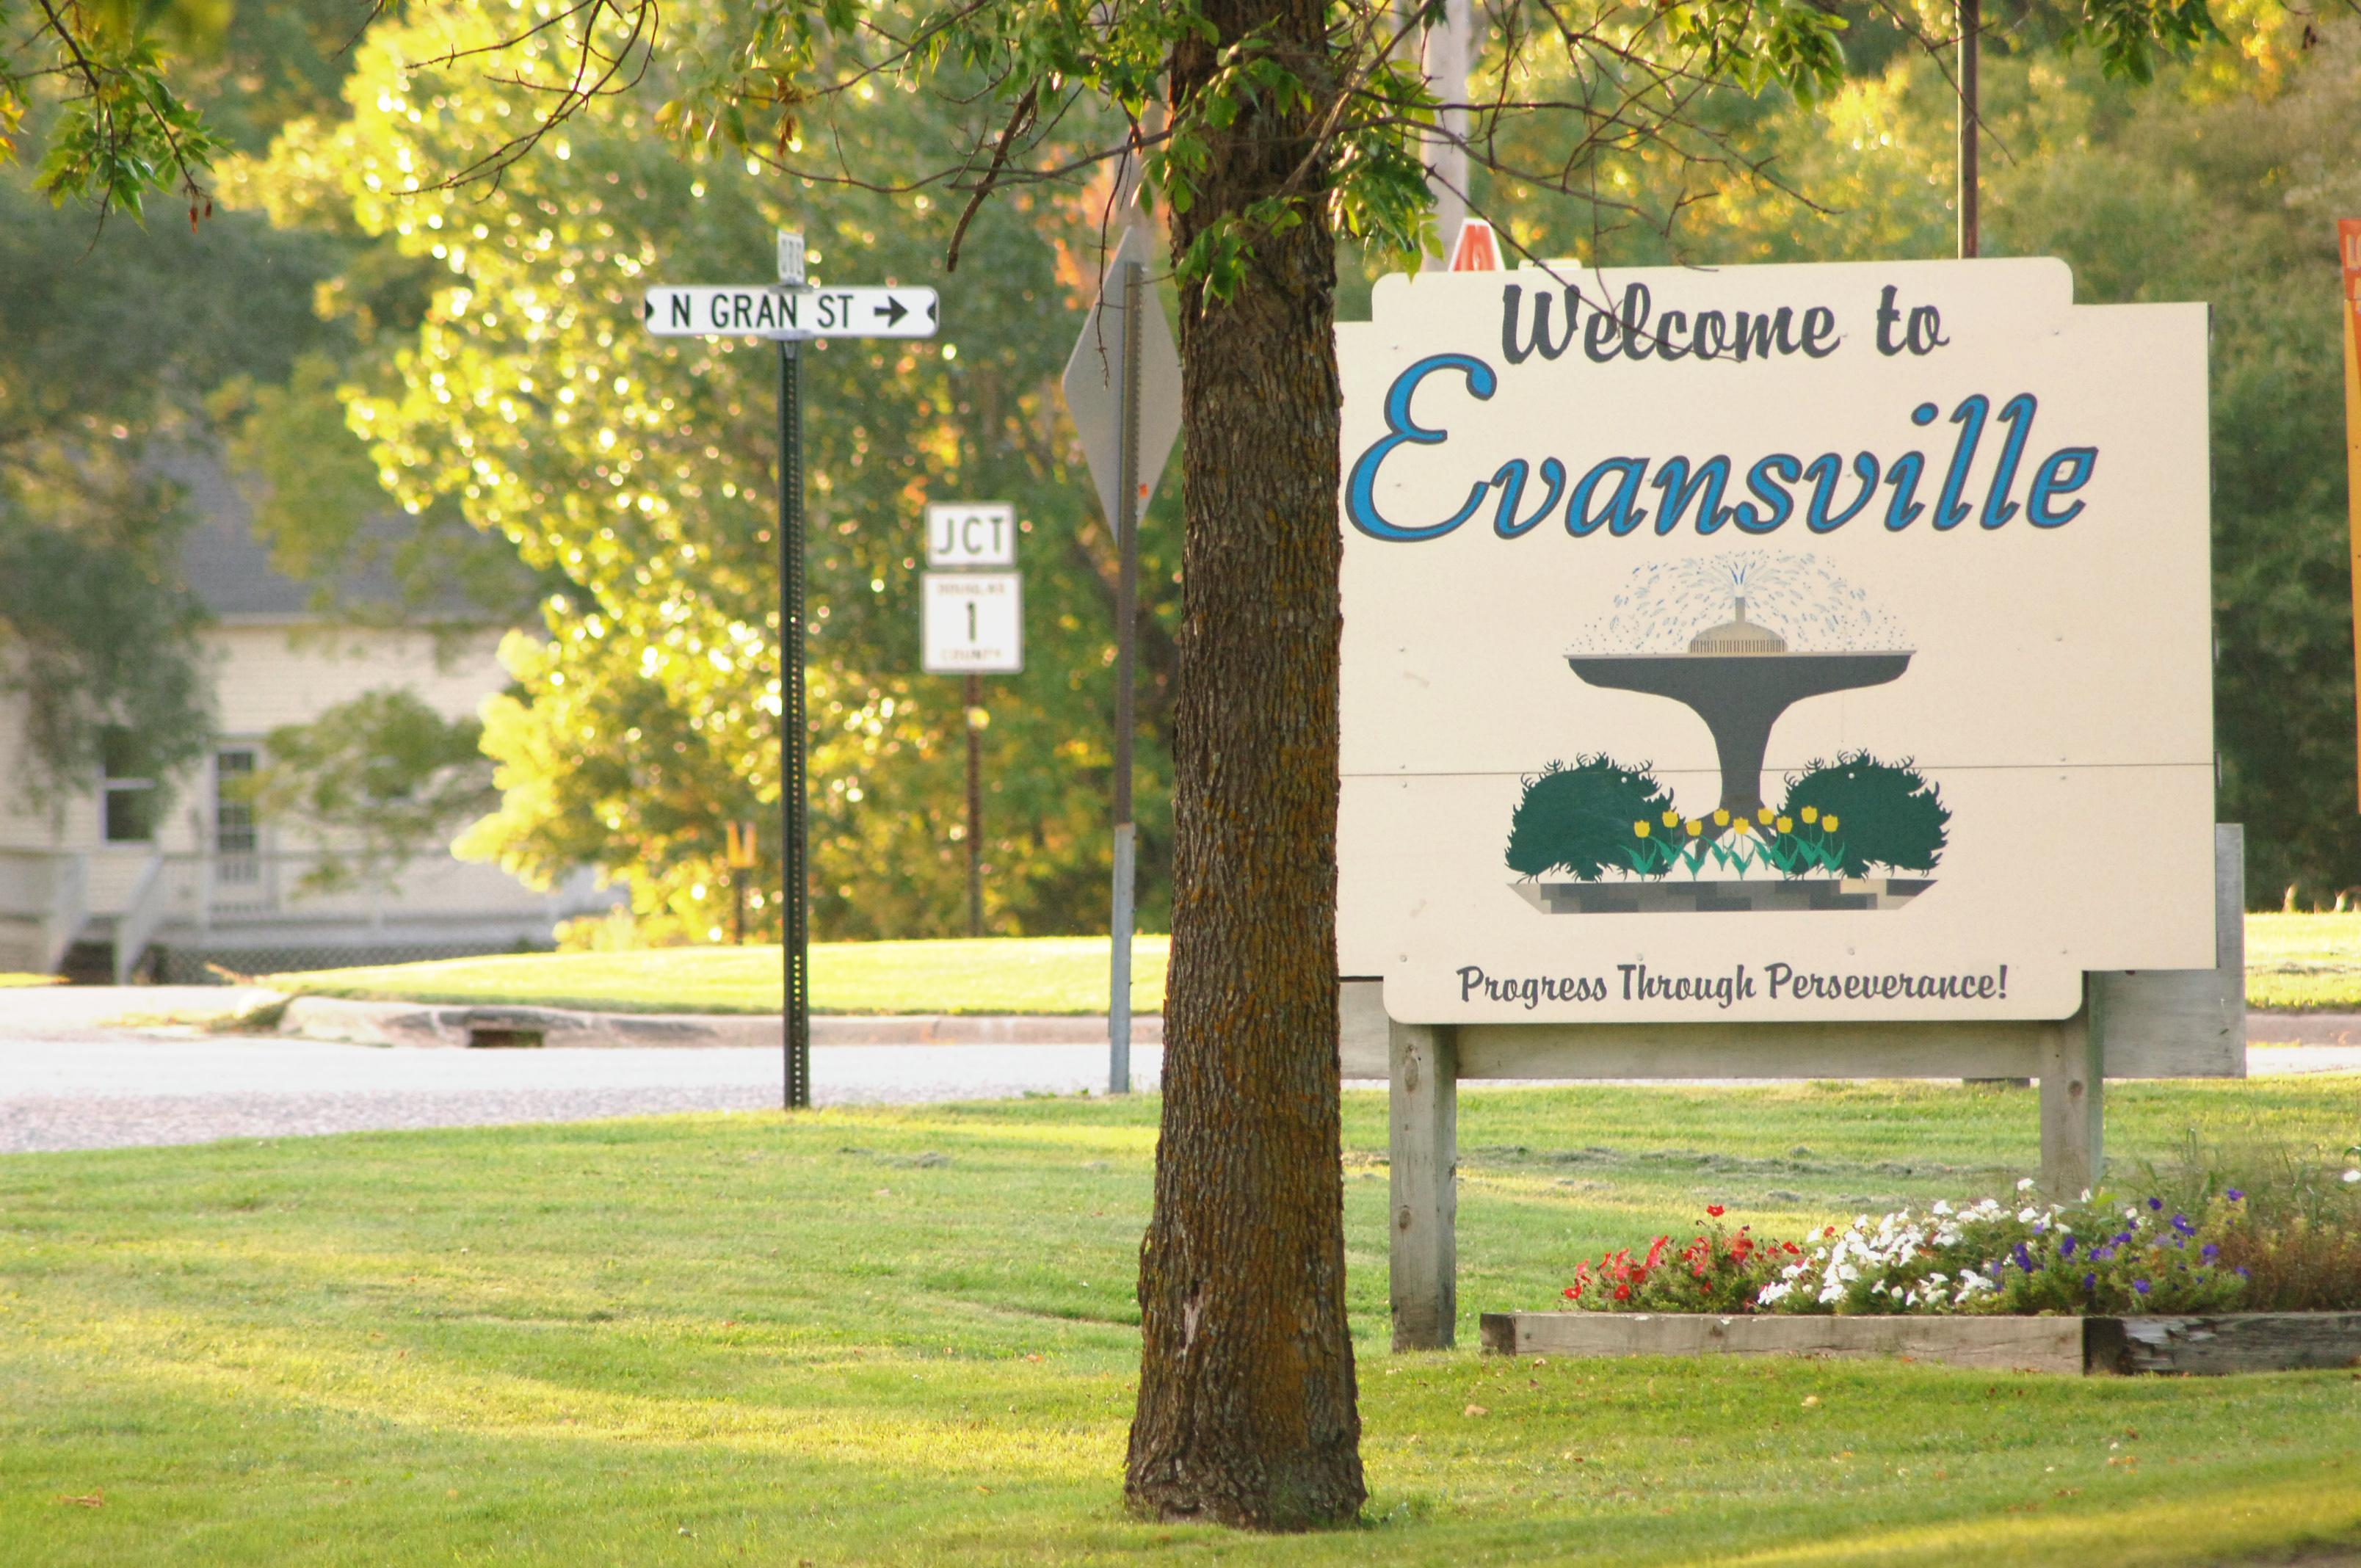 EvansvilleWelcomeToGranStreet